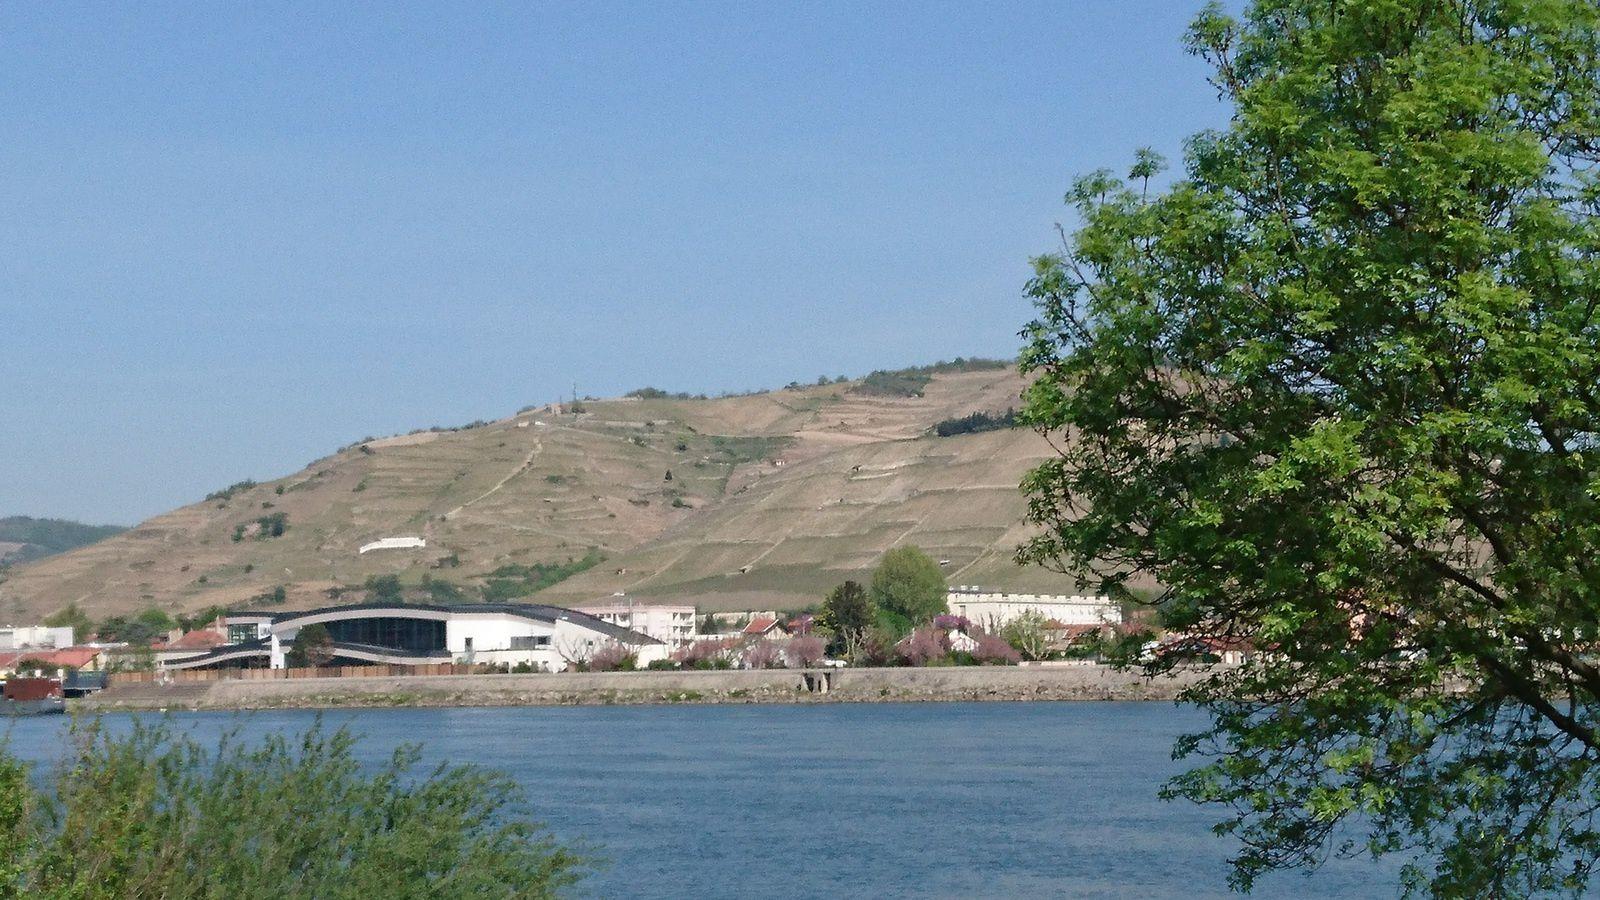 Arrivée à Tournon . Tain l'Hermitage, sur l'autre rive.